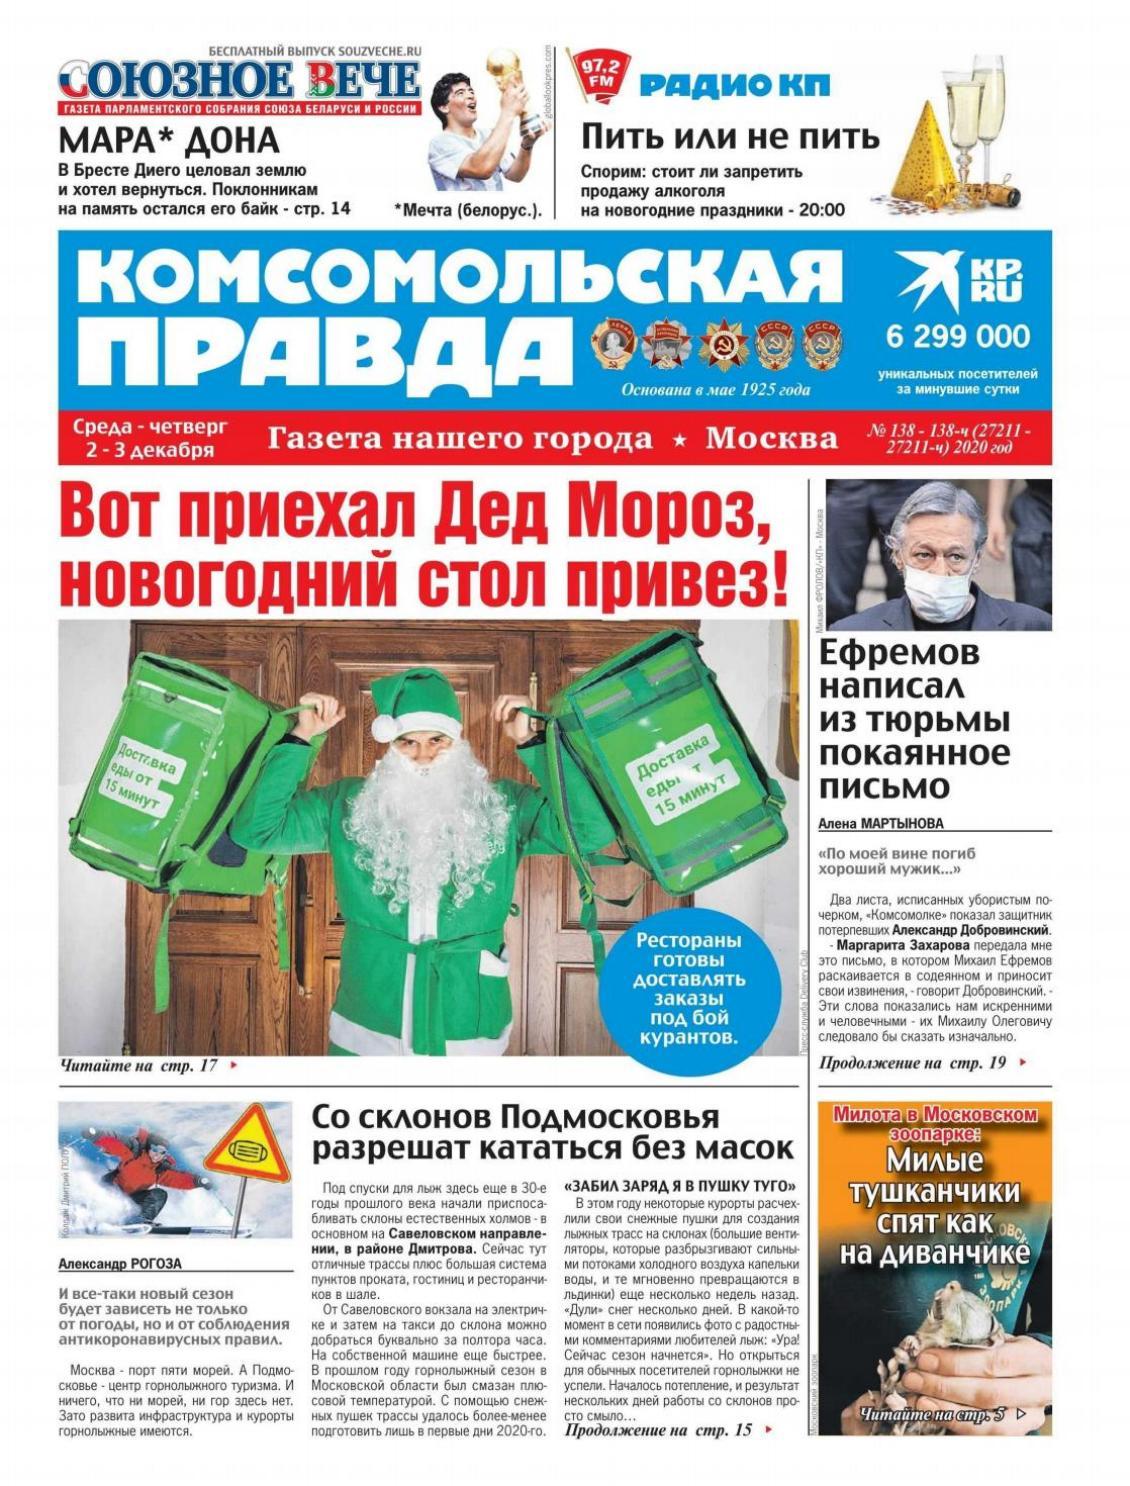 Комсомольская правда №138-138-ч, декабрь 2020